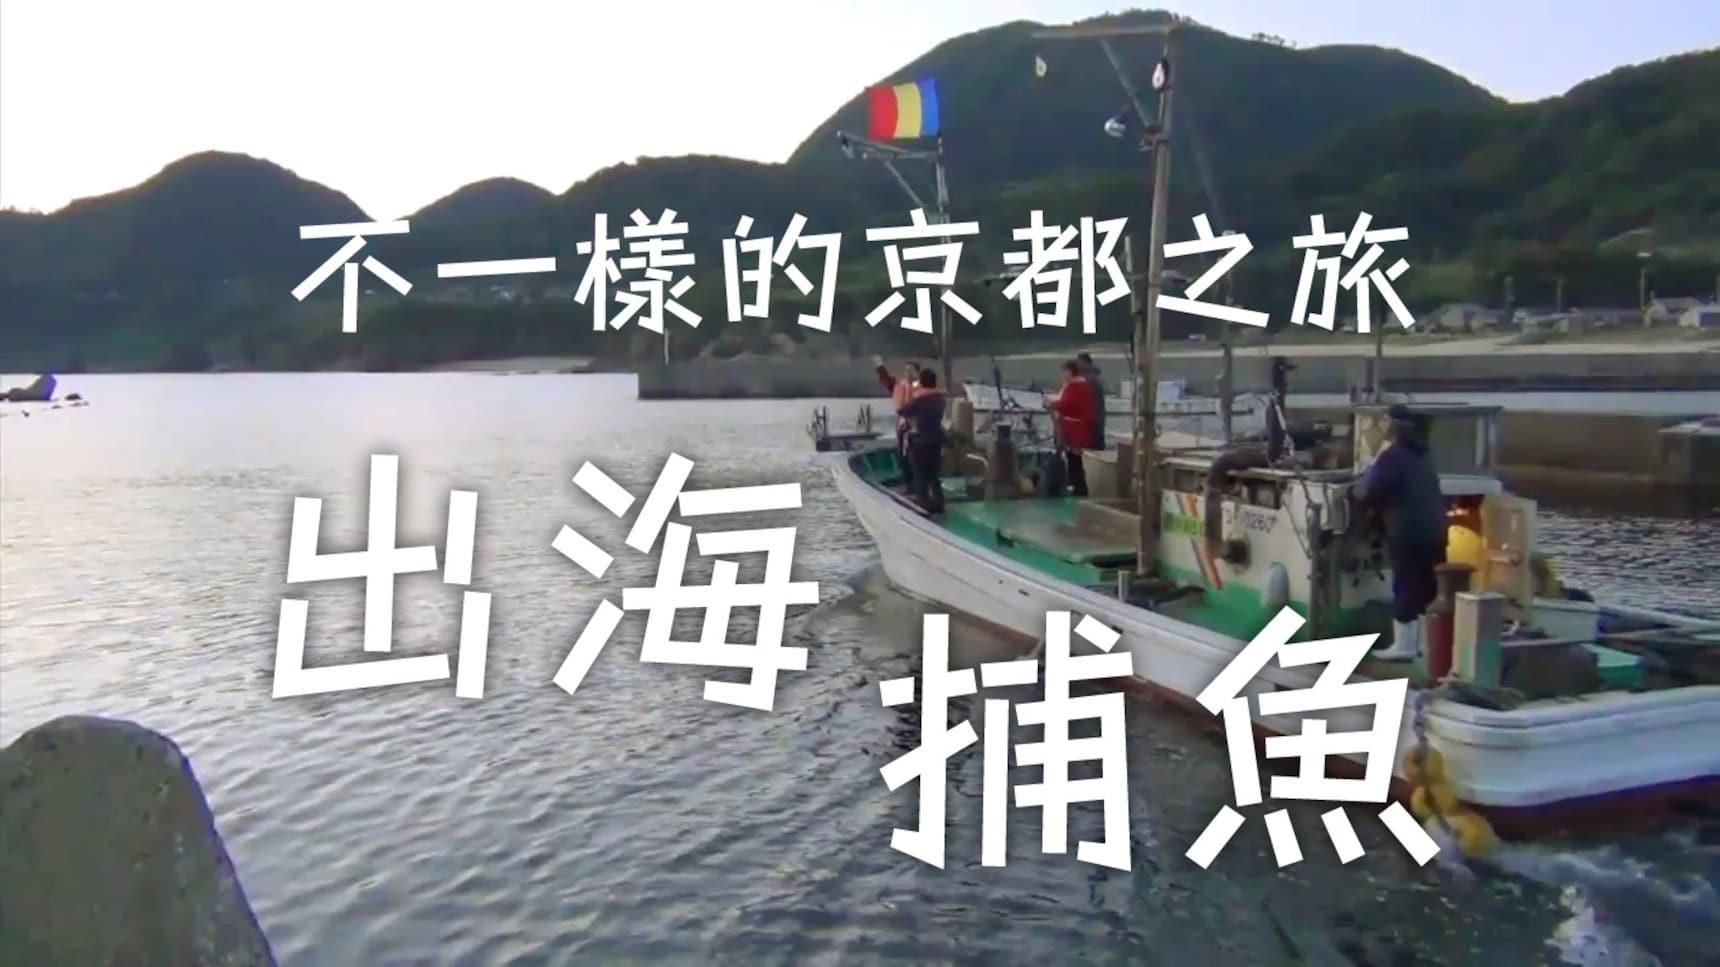 隨我出海捕條大魚 | 吹著海風的不尋常京都之旅